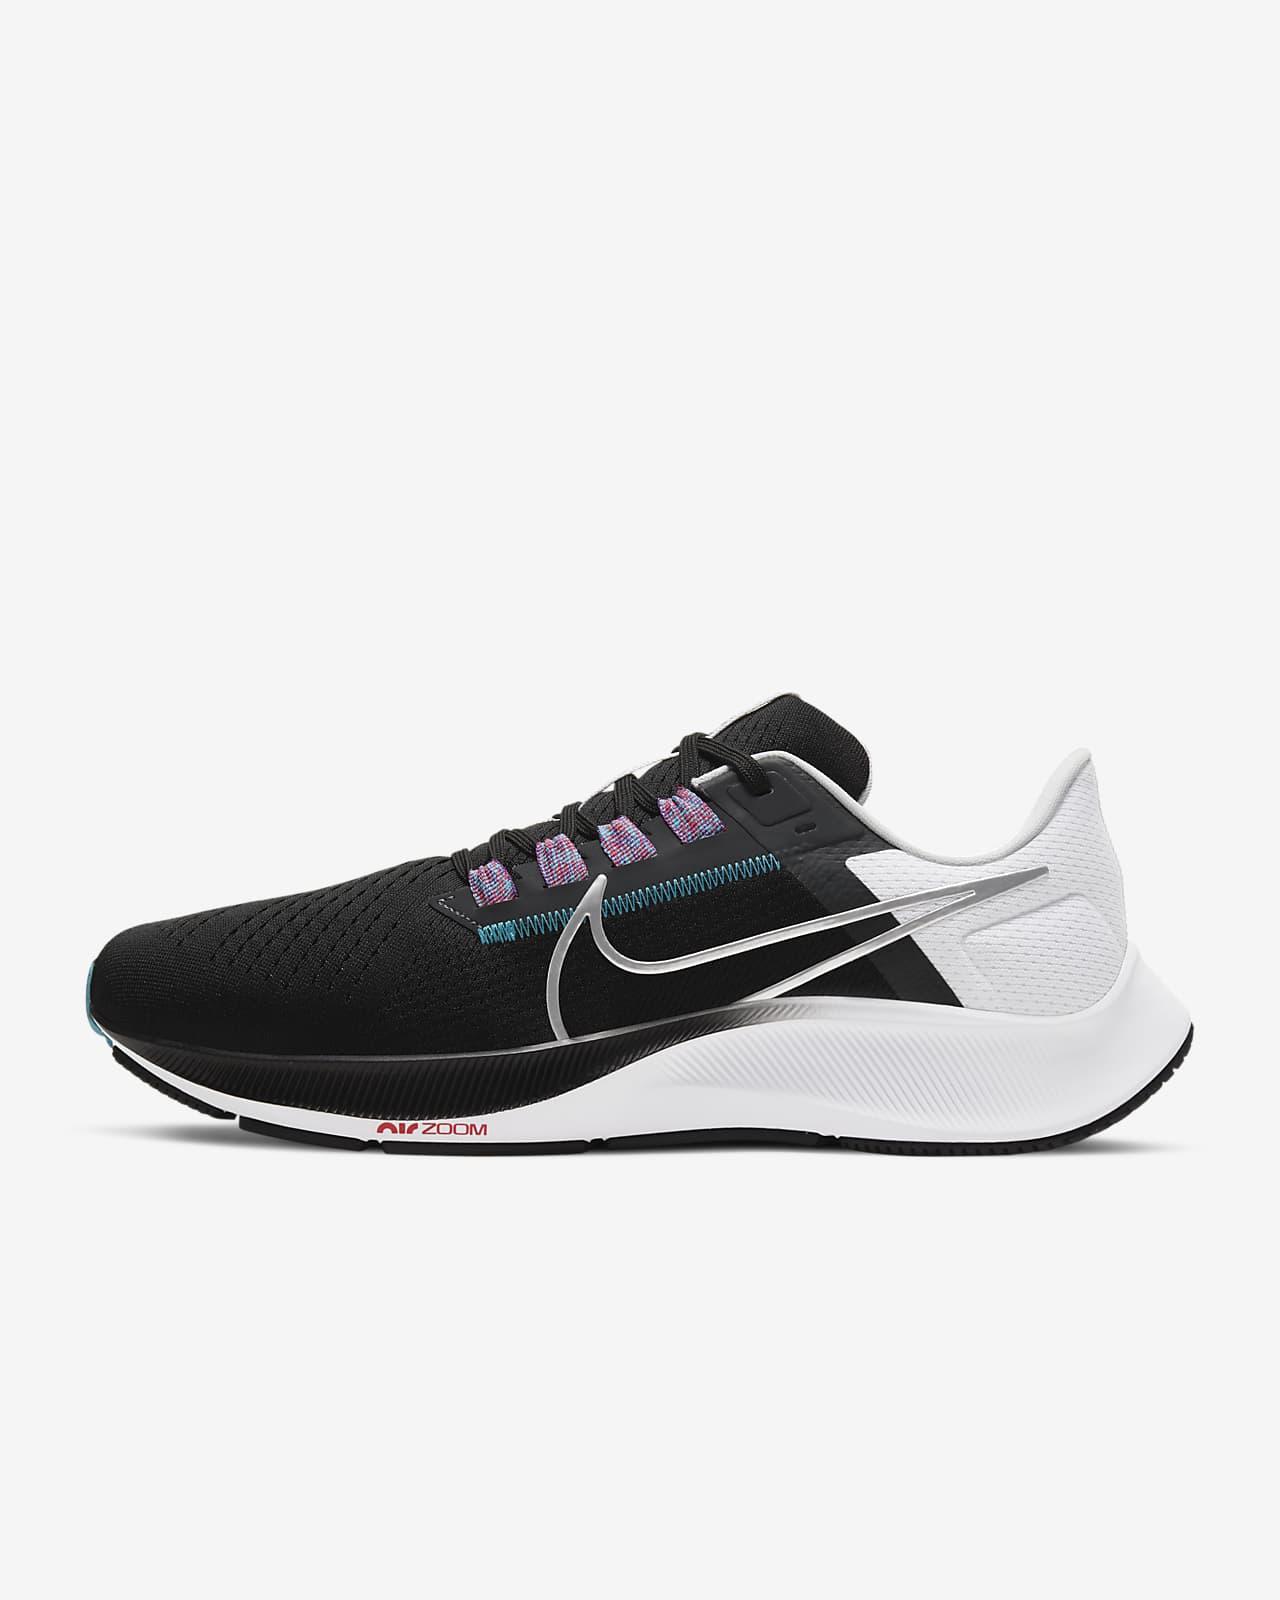 Ανδρικά παπούτσια για τρέξιμο Nike Air Zoom Pegasus 38